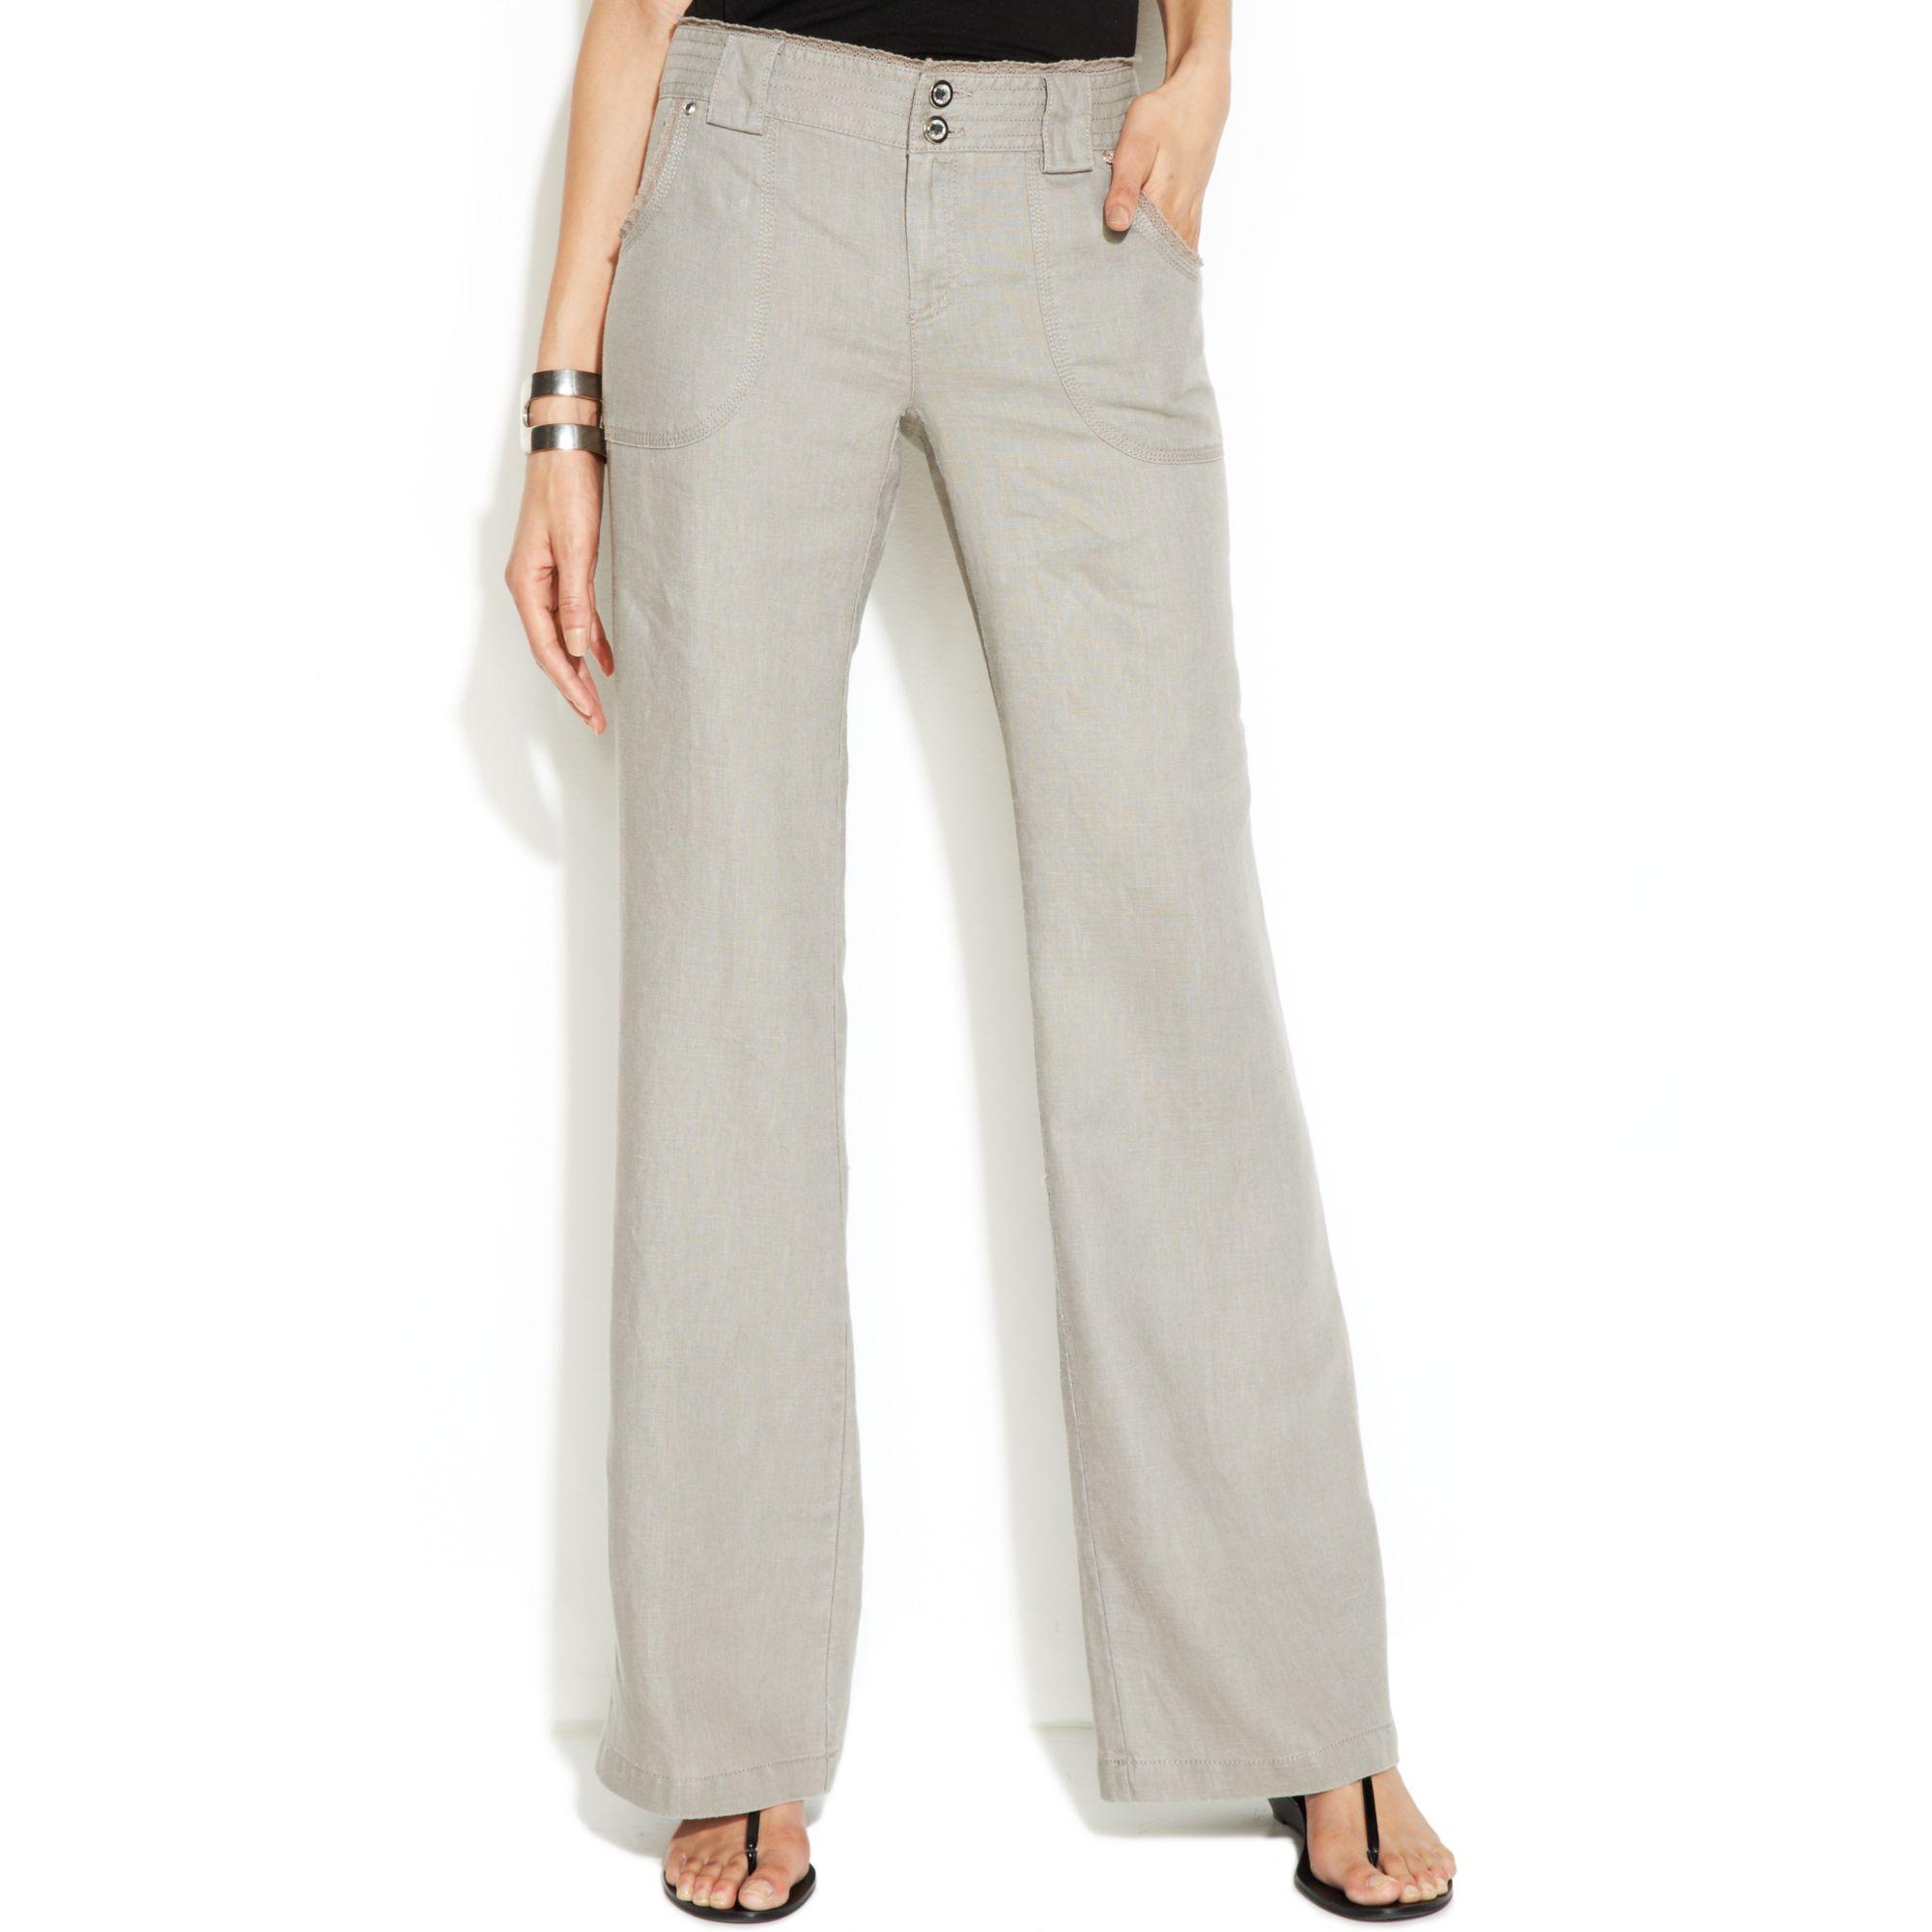 Inc international concepts Curvyfit Lacetrim Wideleg Linen Pants ...